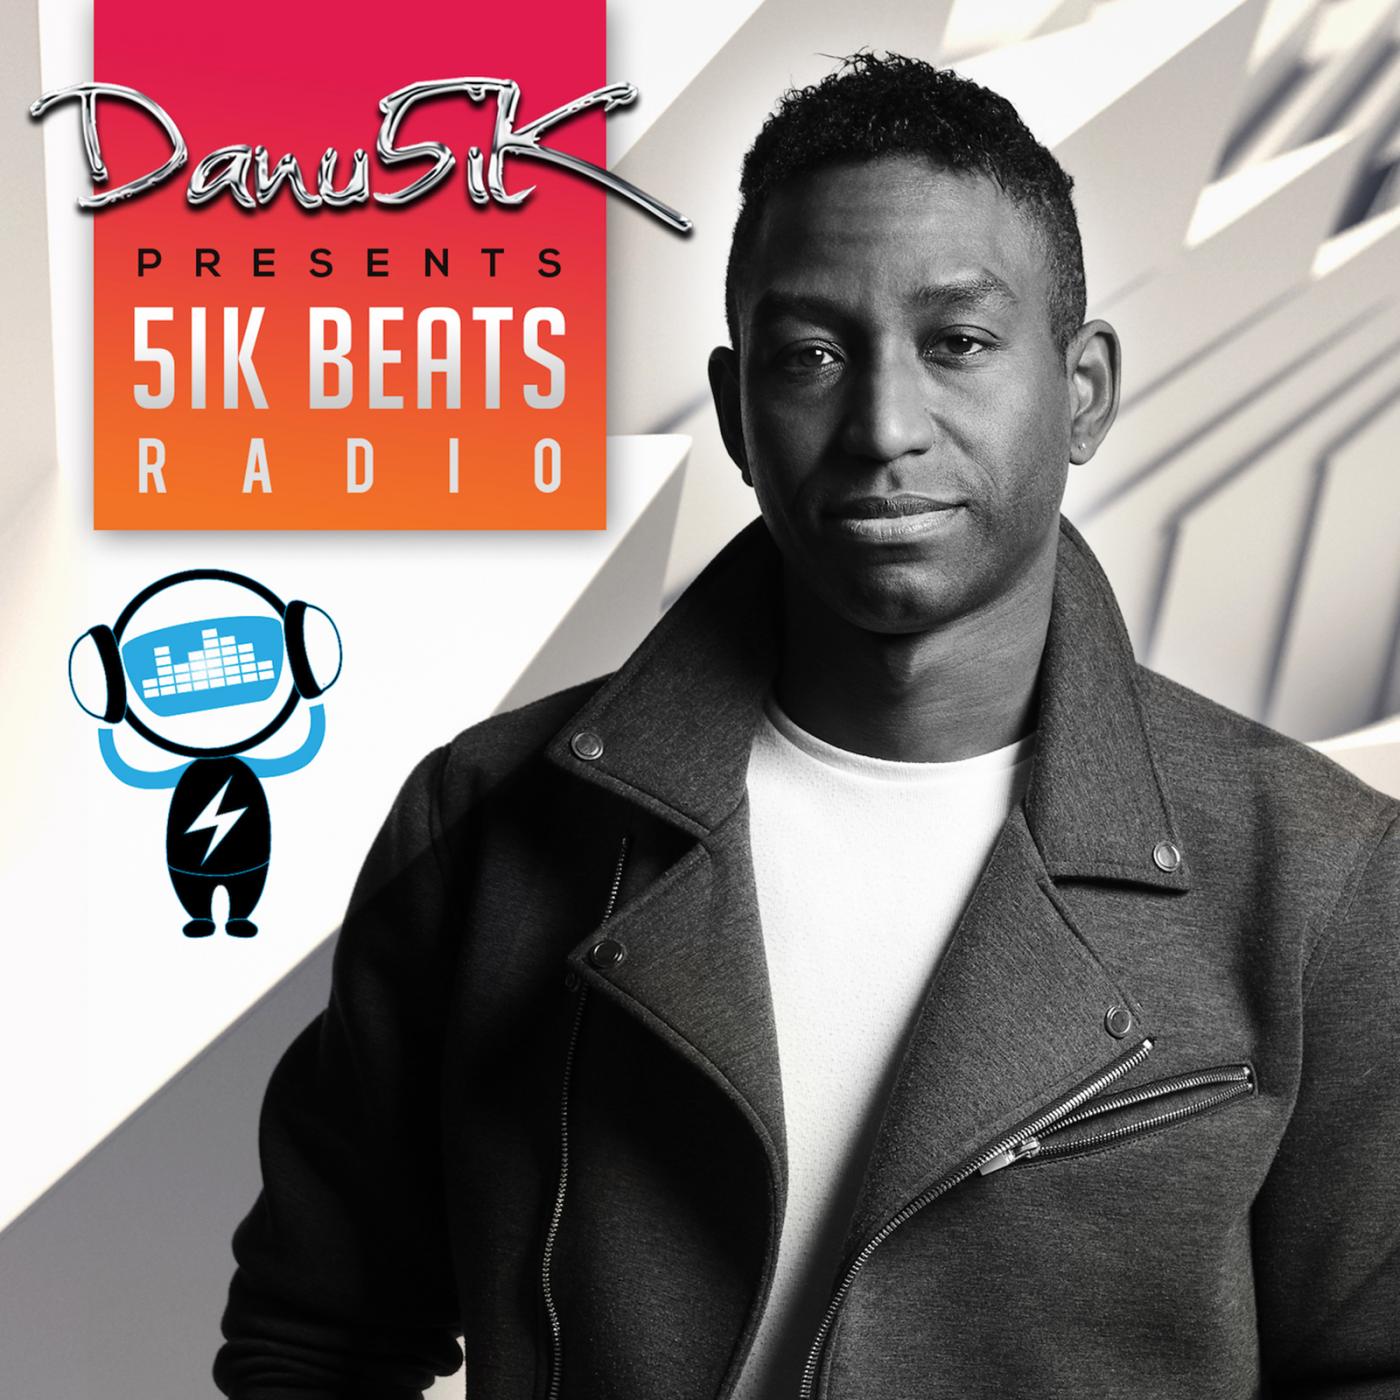 5ik Beats Radio 093 | Danu5ik